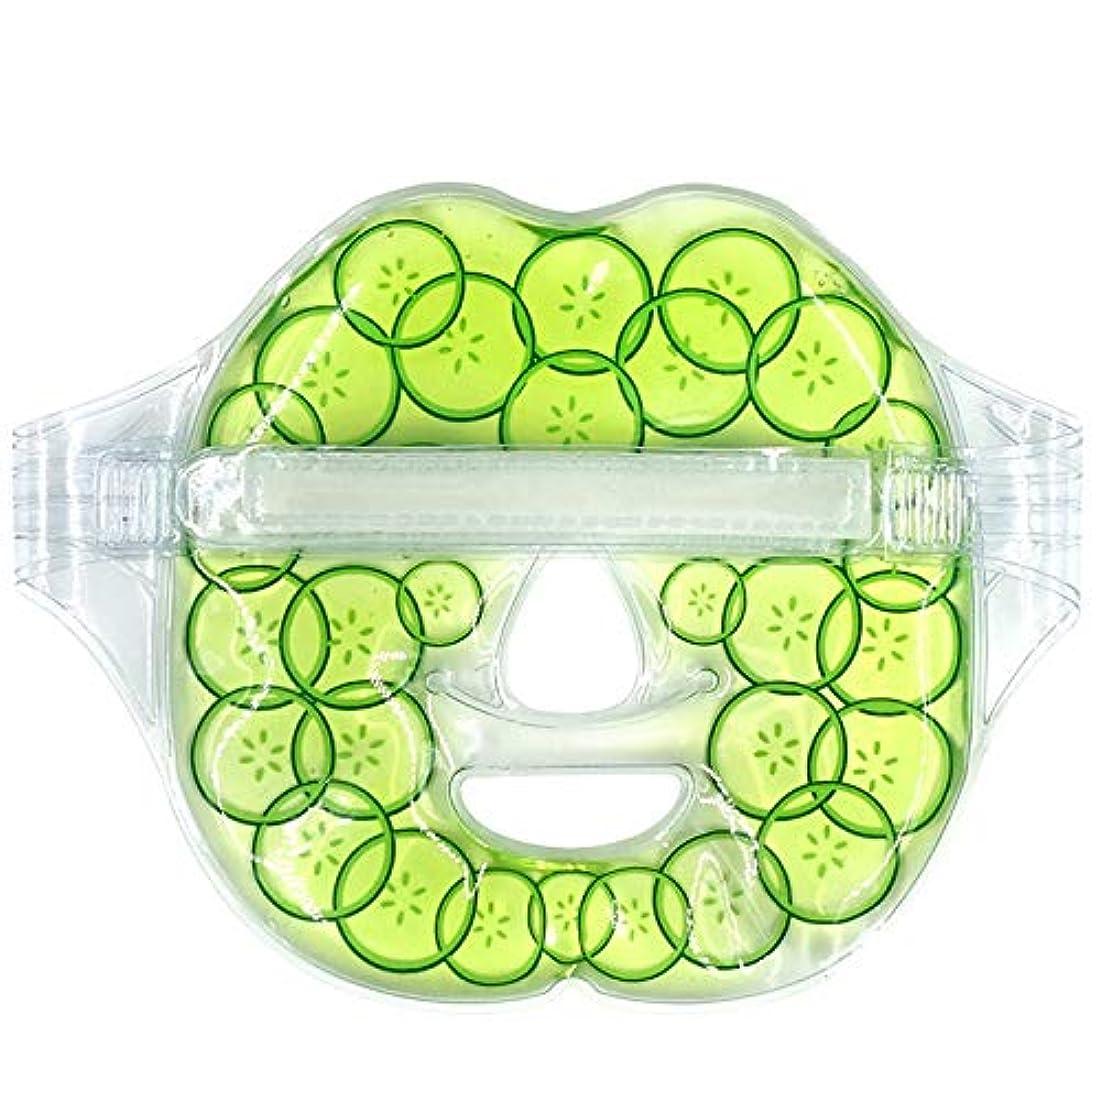 説得心理的に科学者TOOGOO ジェルアイマスクコールドパッド-ヒートコンプレス-シュリンクポアシワを減らす日焼けと乾燥肌のキュウリマスク